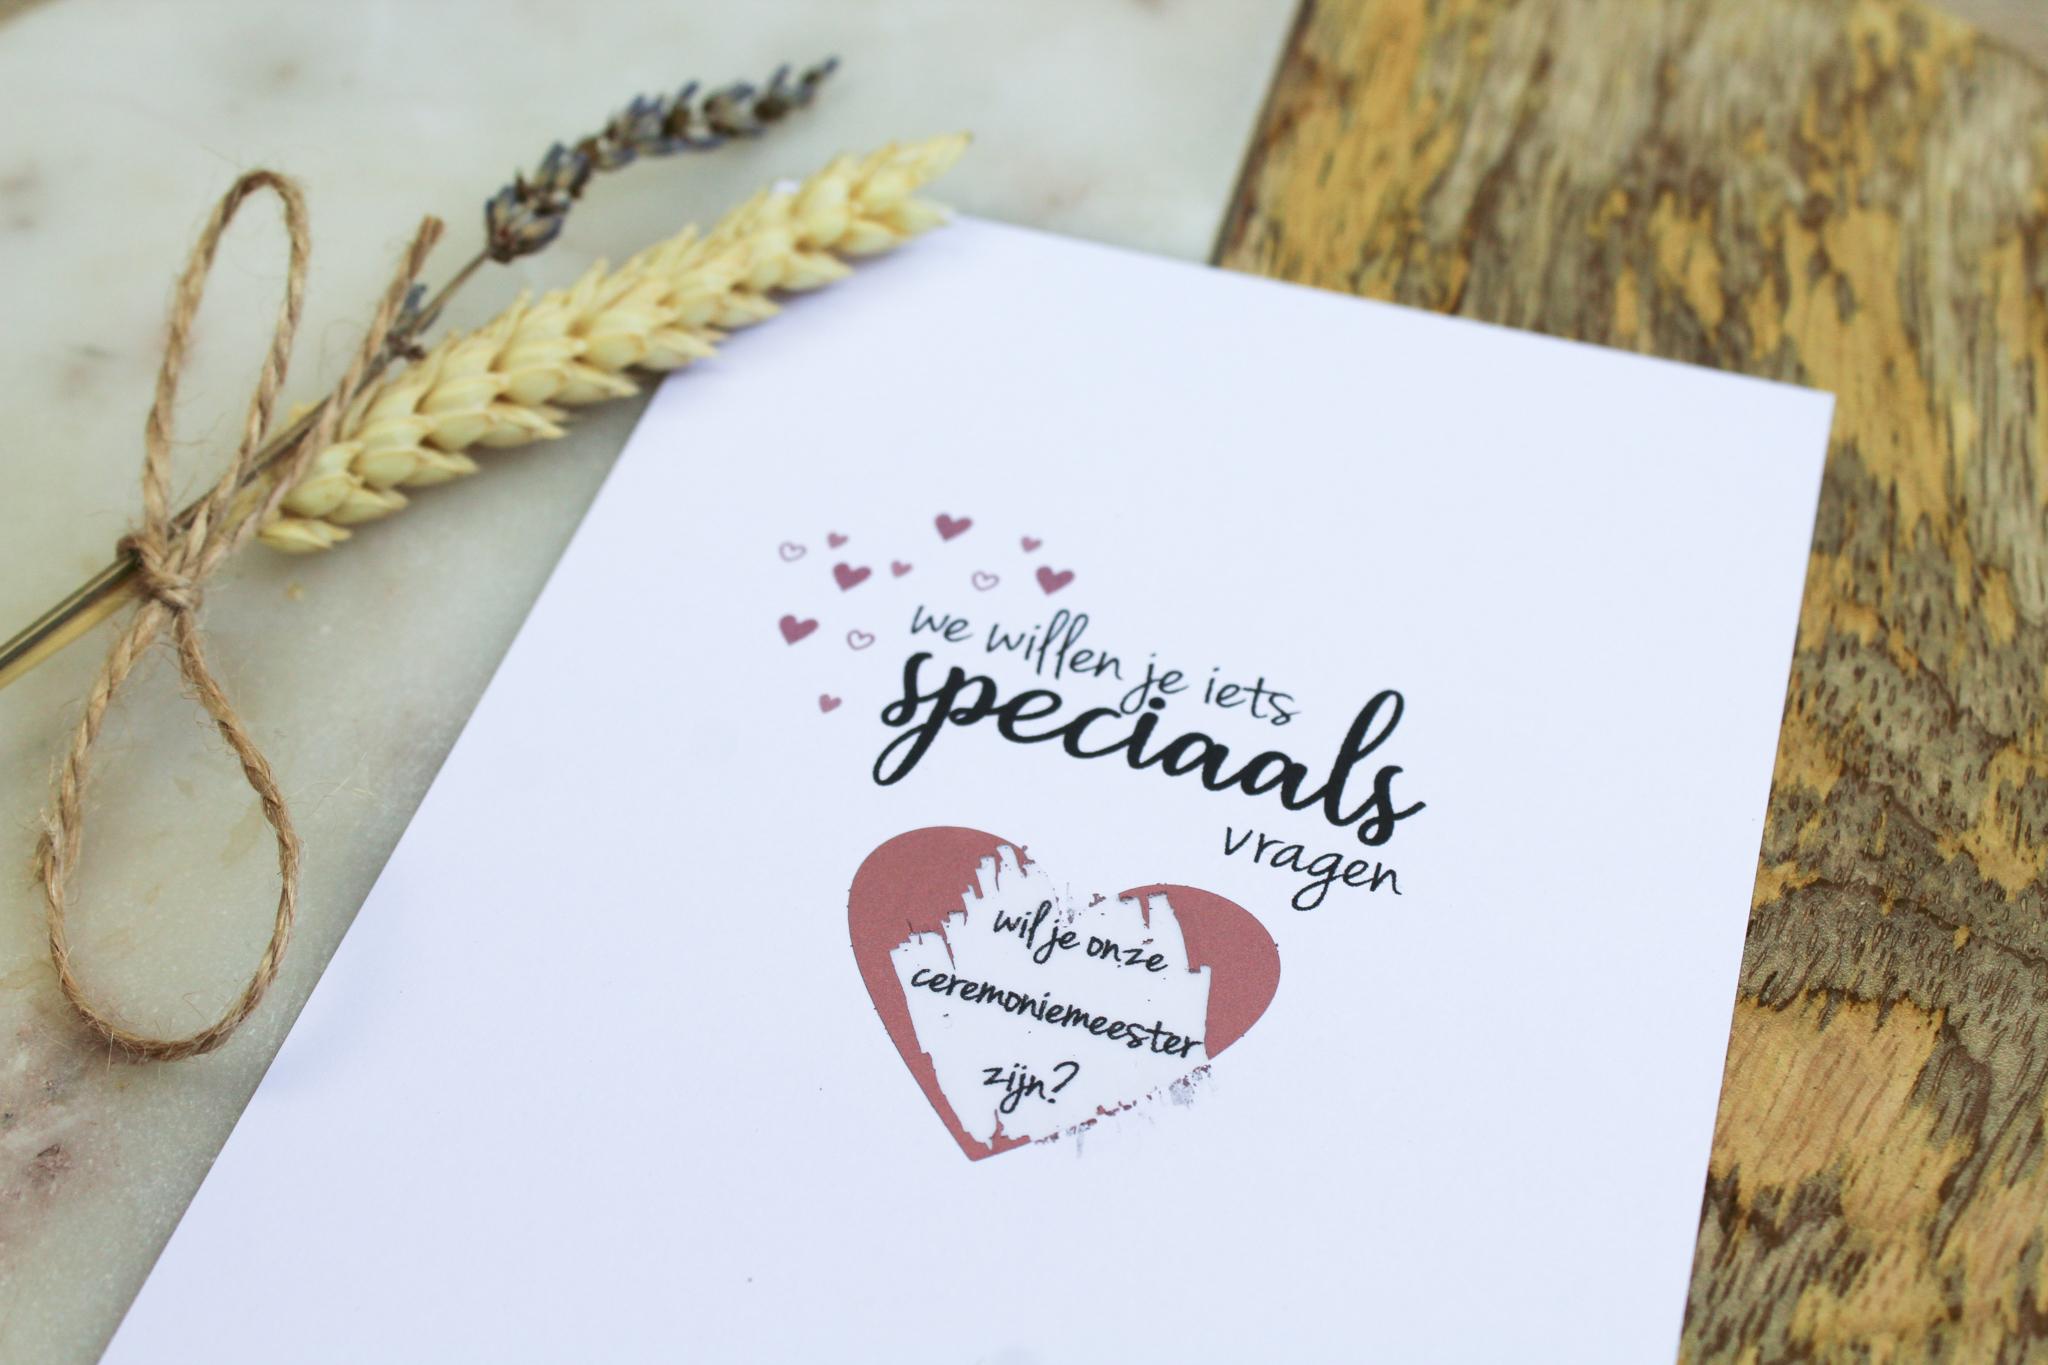 kraskaart ceremoniemeester vragen bruiloft ideefabriek